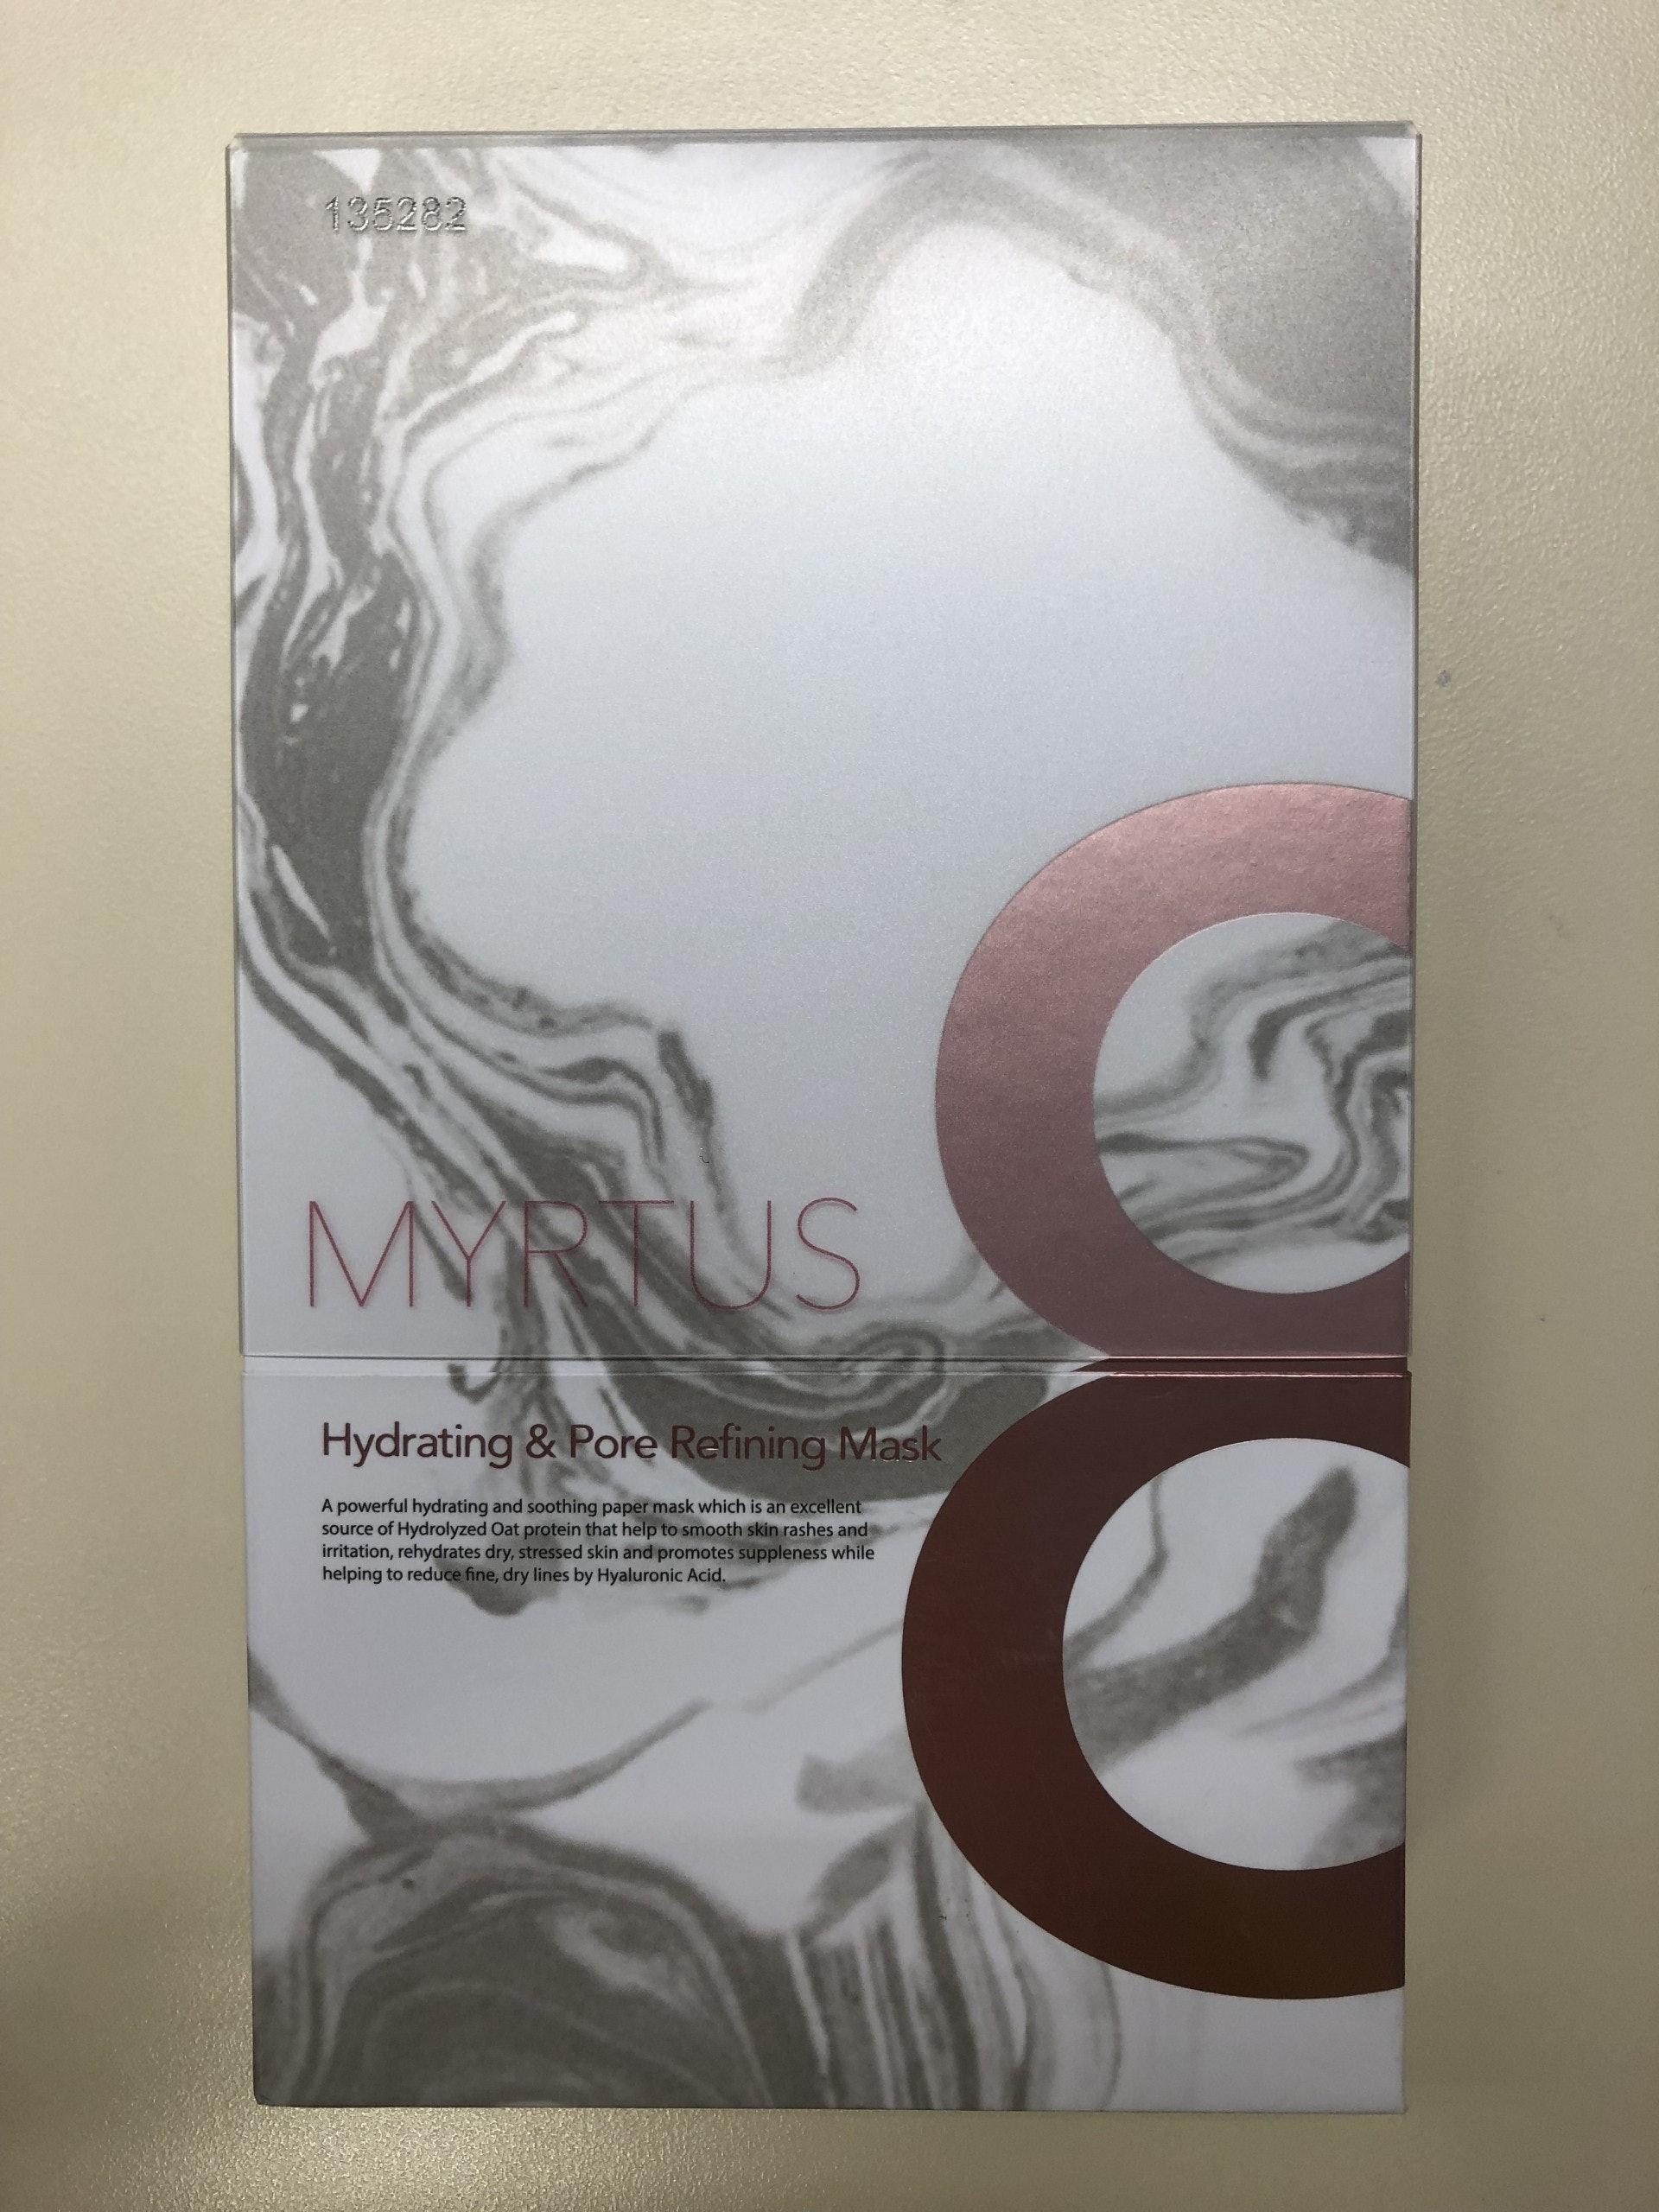 衞生署呼籲市民不要購買或使用一款名為「MYRTUS 8 MASK」的面膜,因為有關產品被發現含有未標示及受管制的物質。(衞生署圖片)